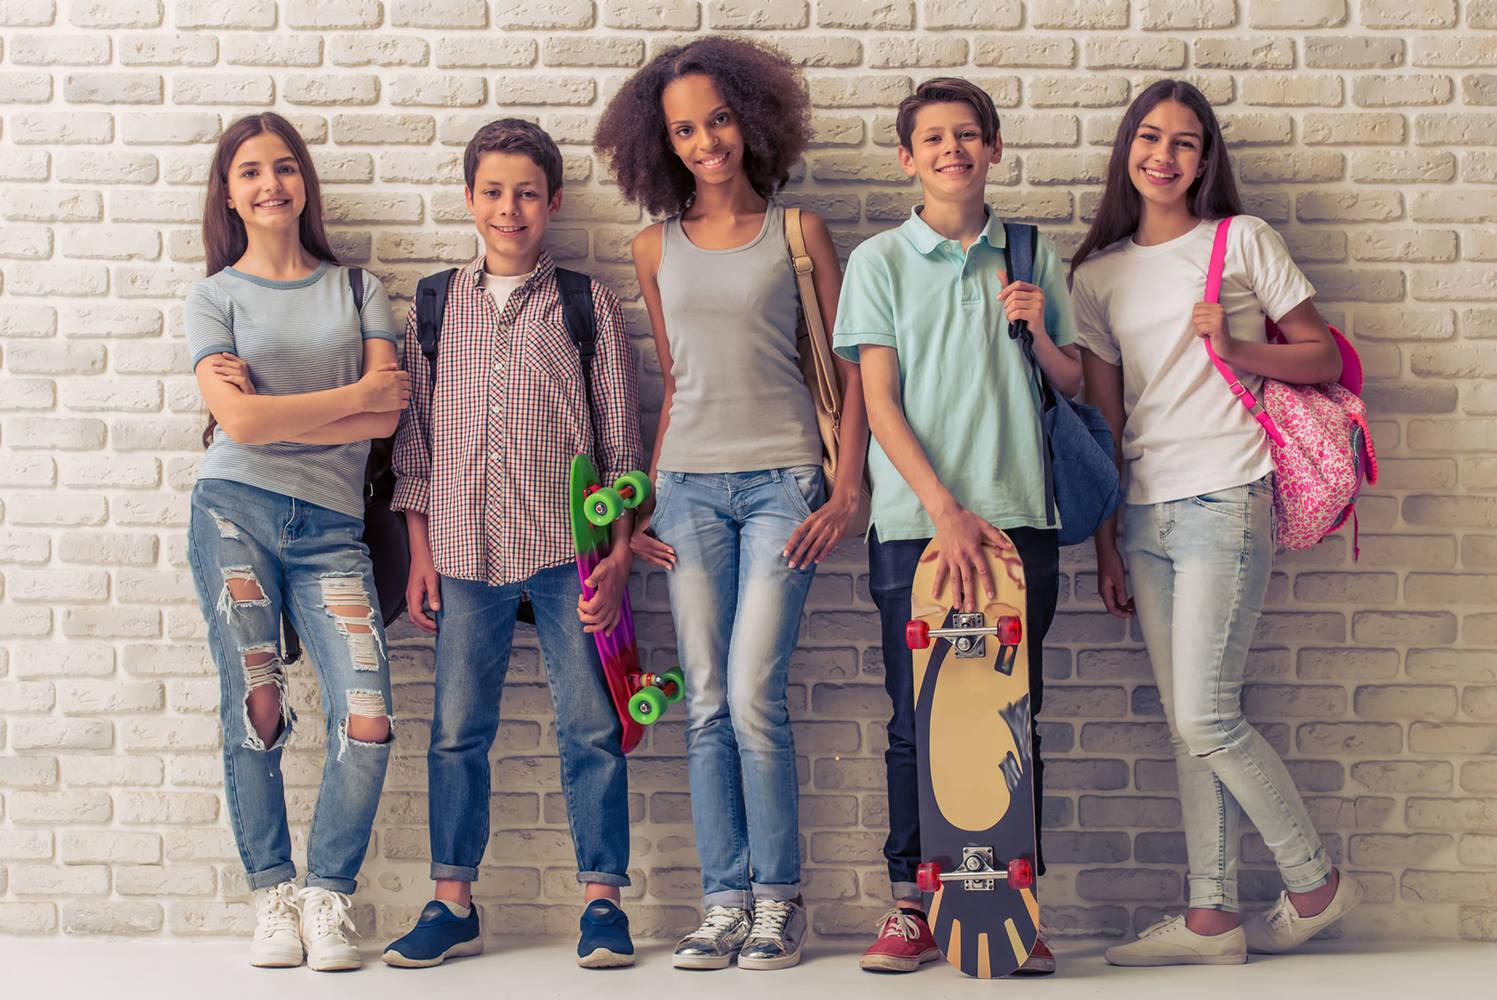 jeugd; vertrouwenspersoon; onafhankelijk; geheimhoudingsplicht; voor jongeren; ouders; grootouders; pleegouders; zorgbelang drenthe; akj